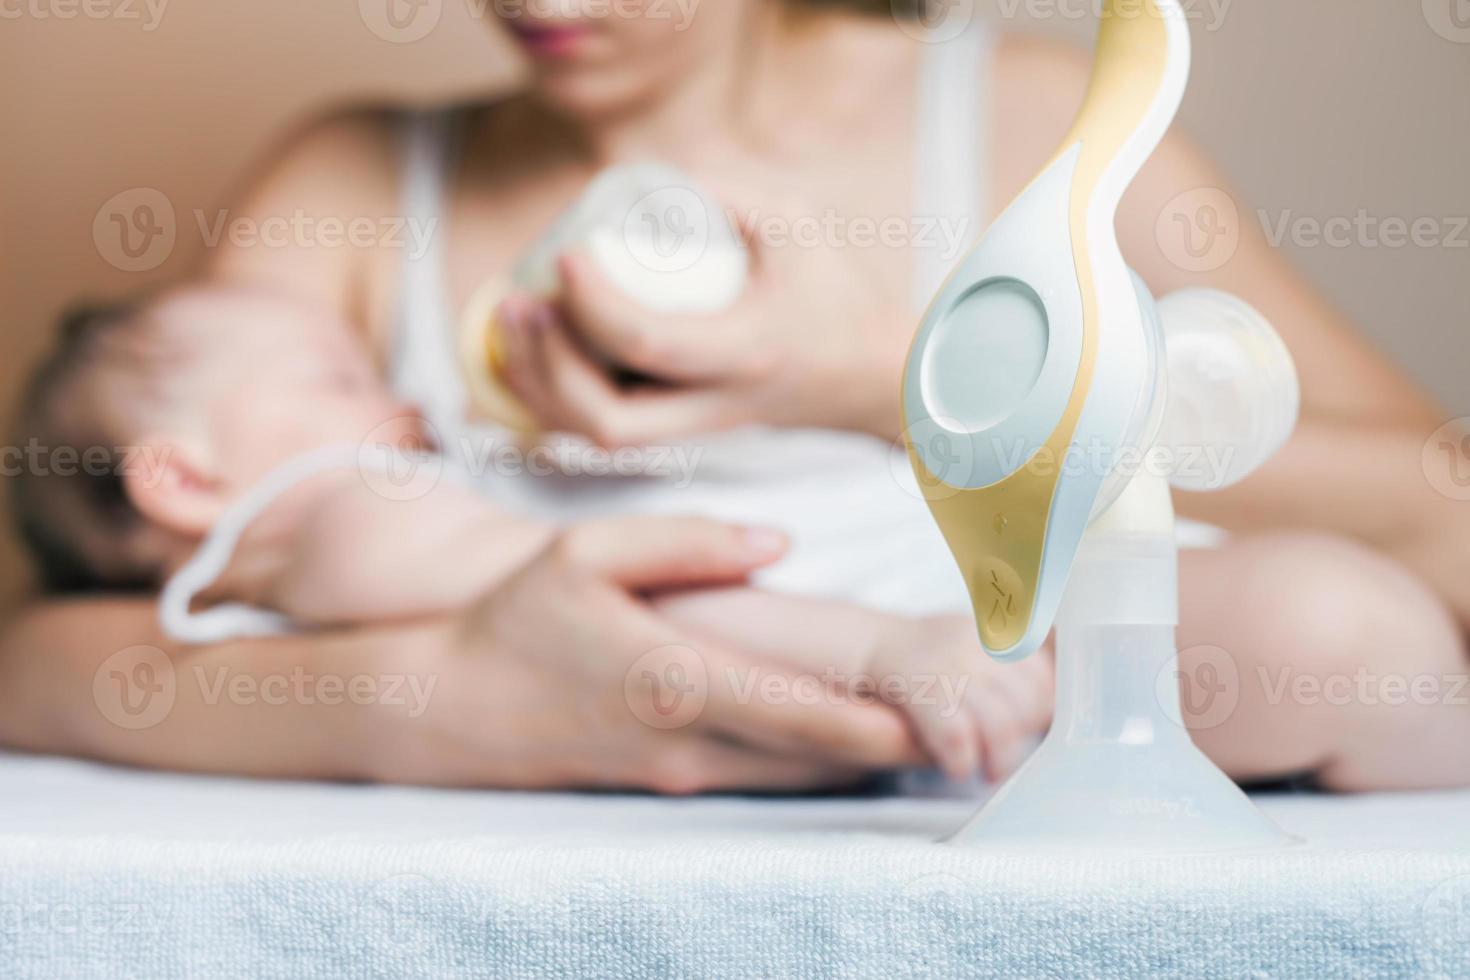 extractor de leche manual y madre alimentando a un bebé recién nacido foto